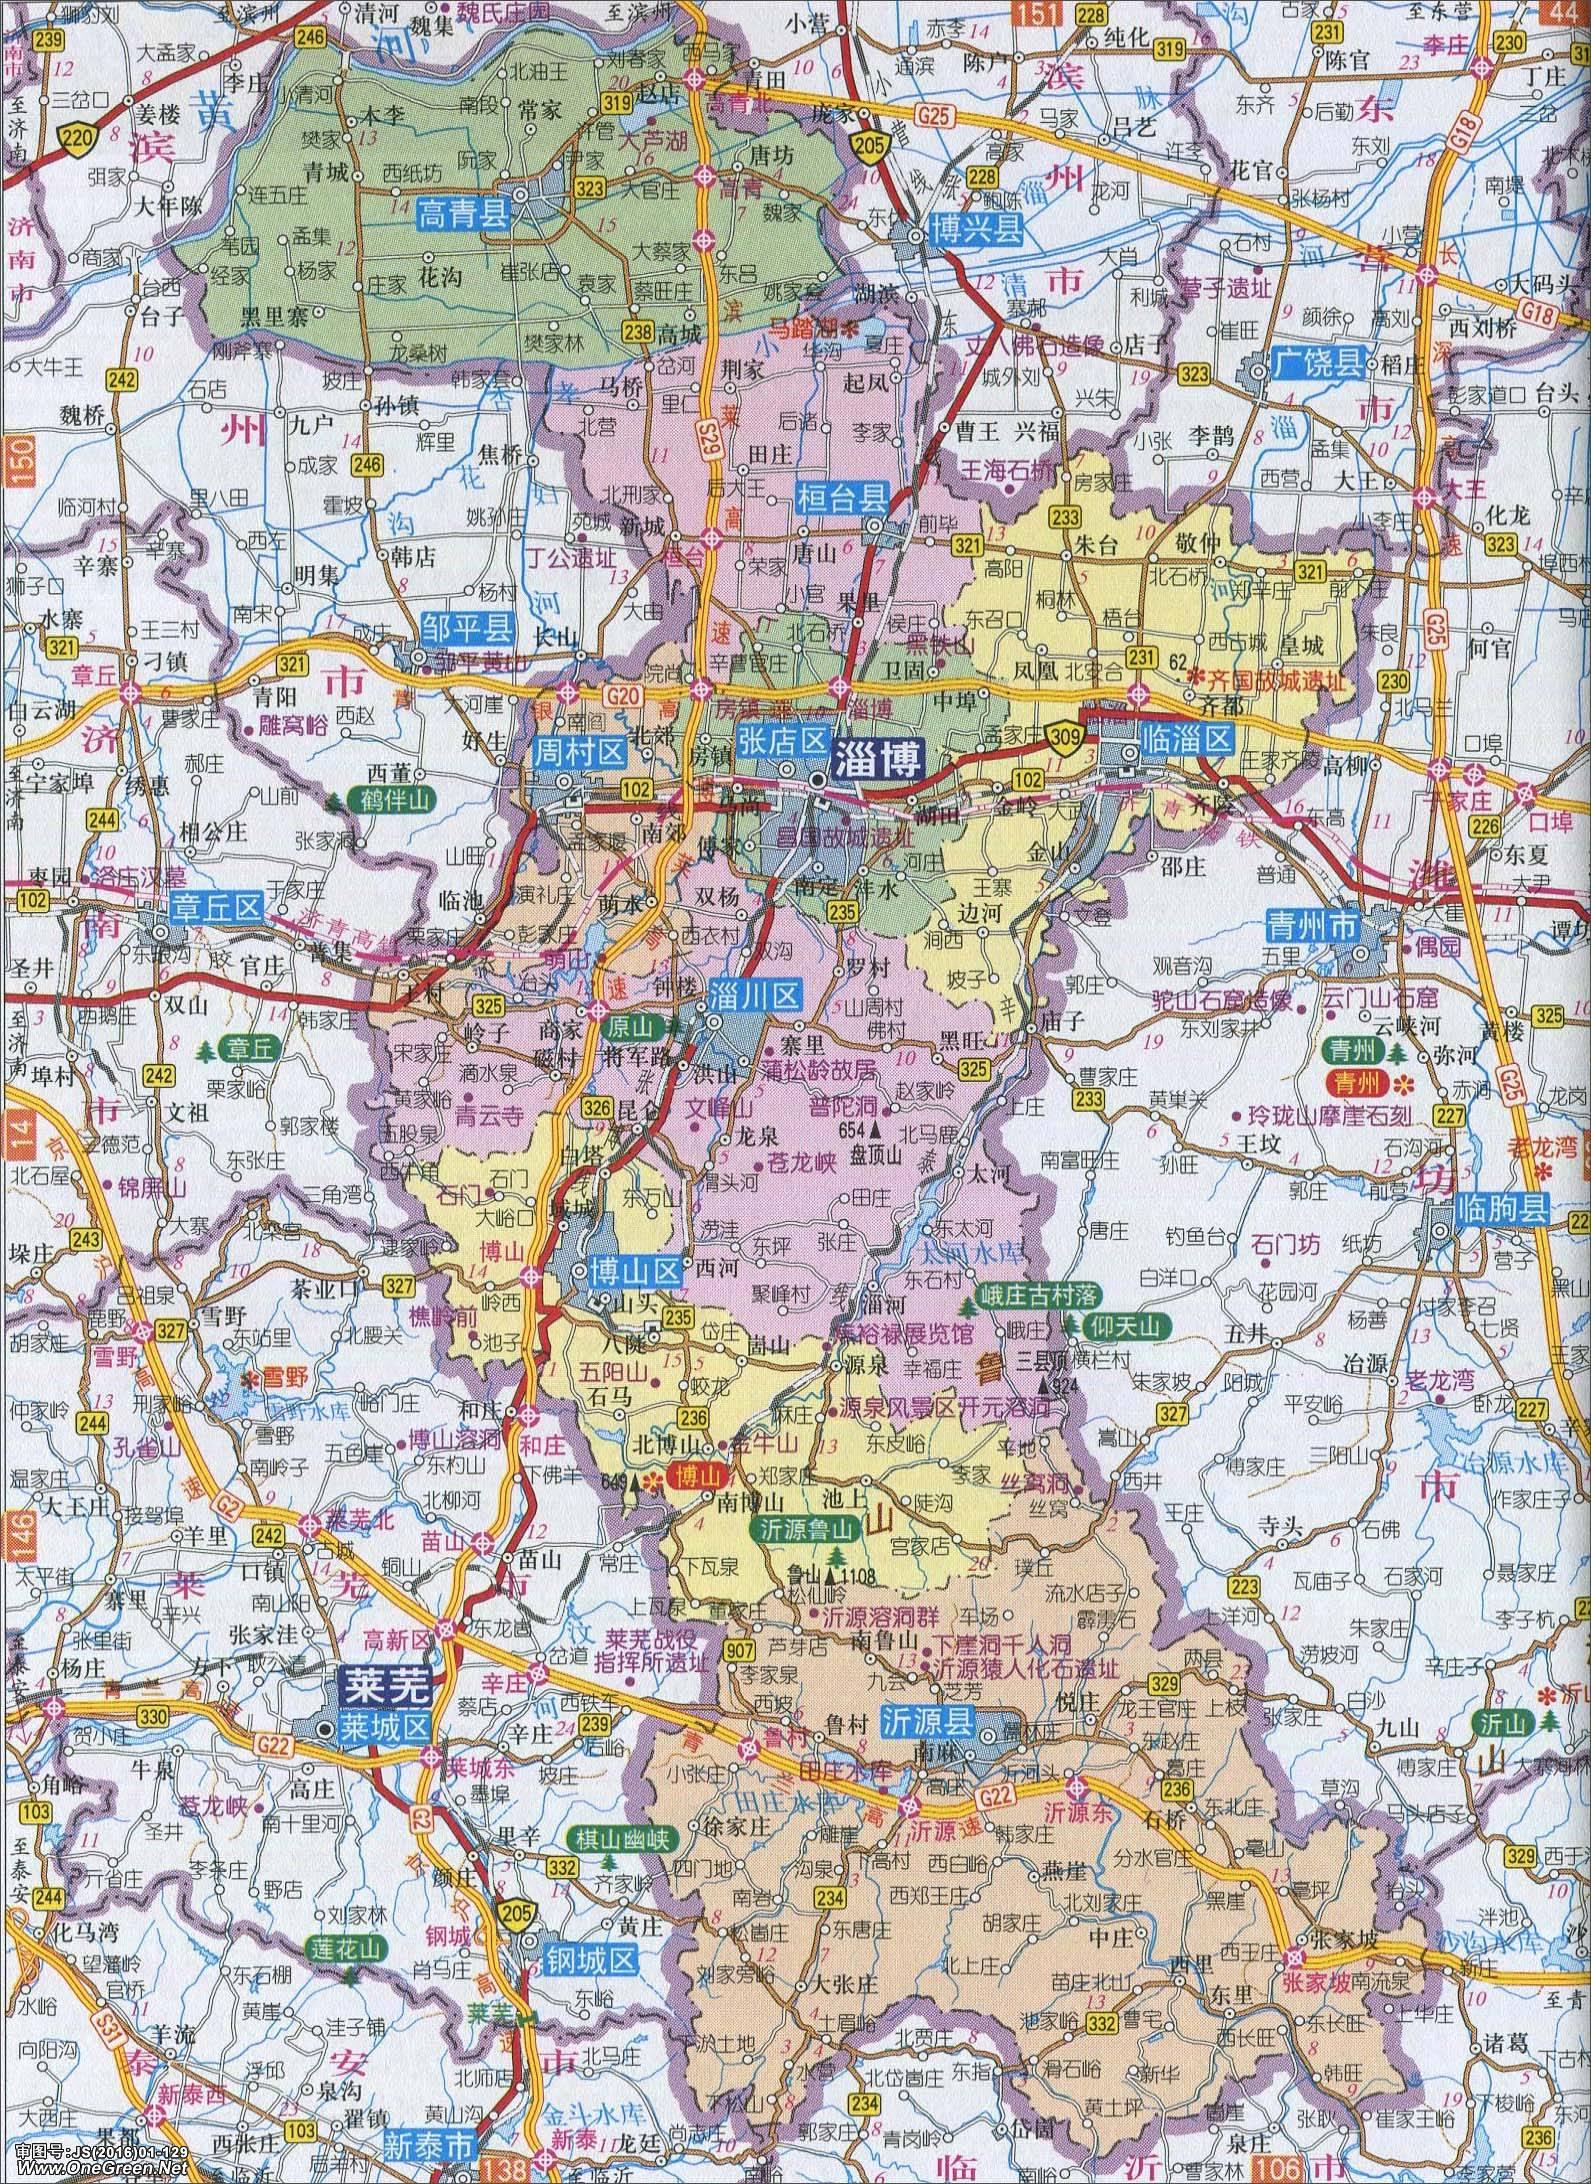 山东省潍坊市地图_淄博市地图高清版_淄博地图库_地图窝